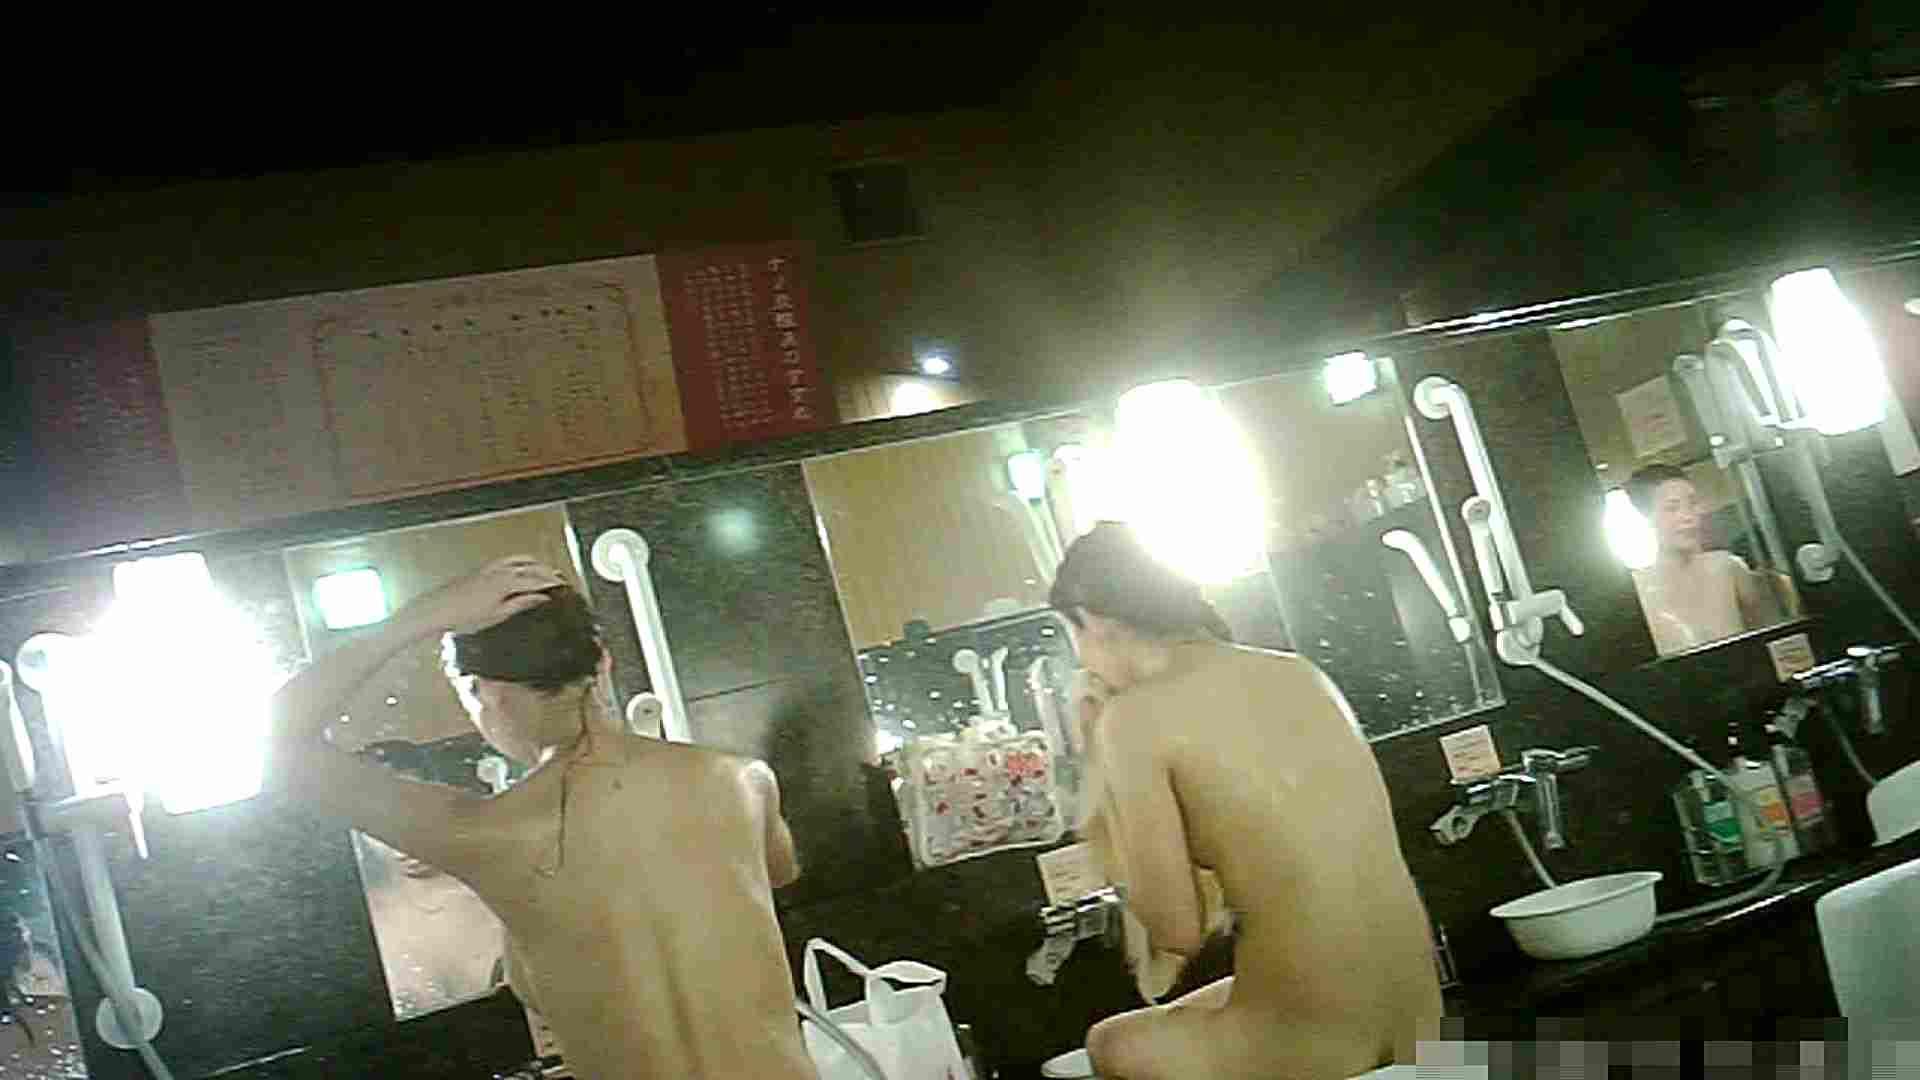 エッチ 熟女|女撮師スーパー銭湯 オムニバスVol.18|怪盗ジョーカー